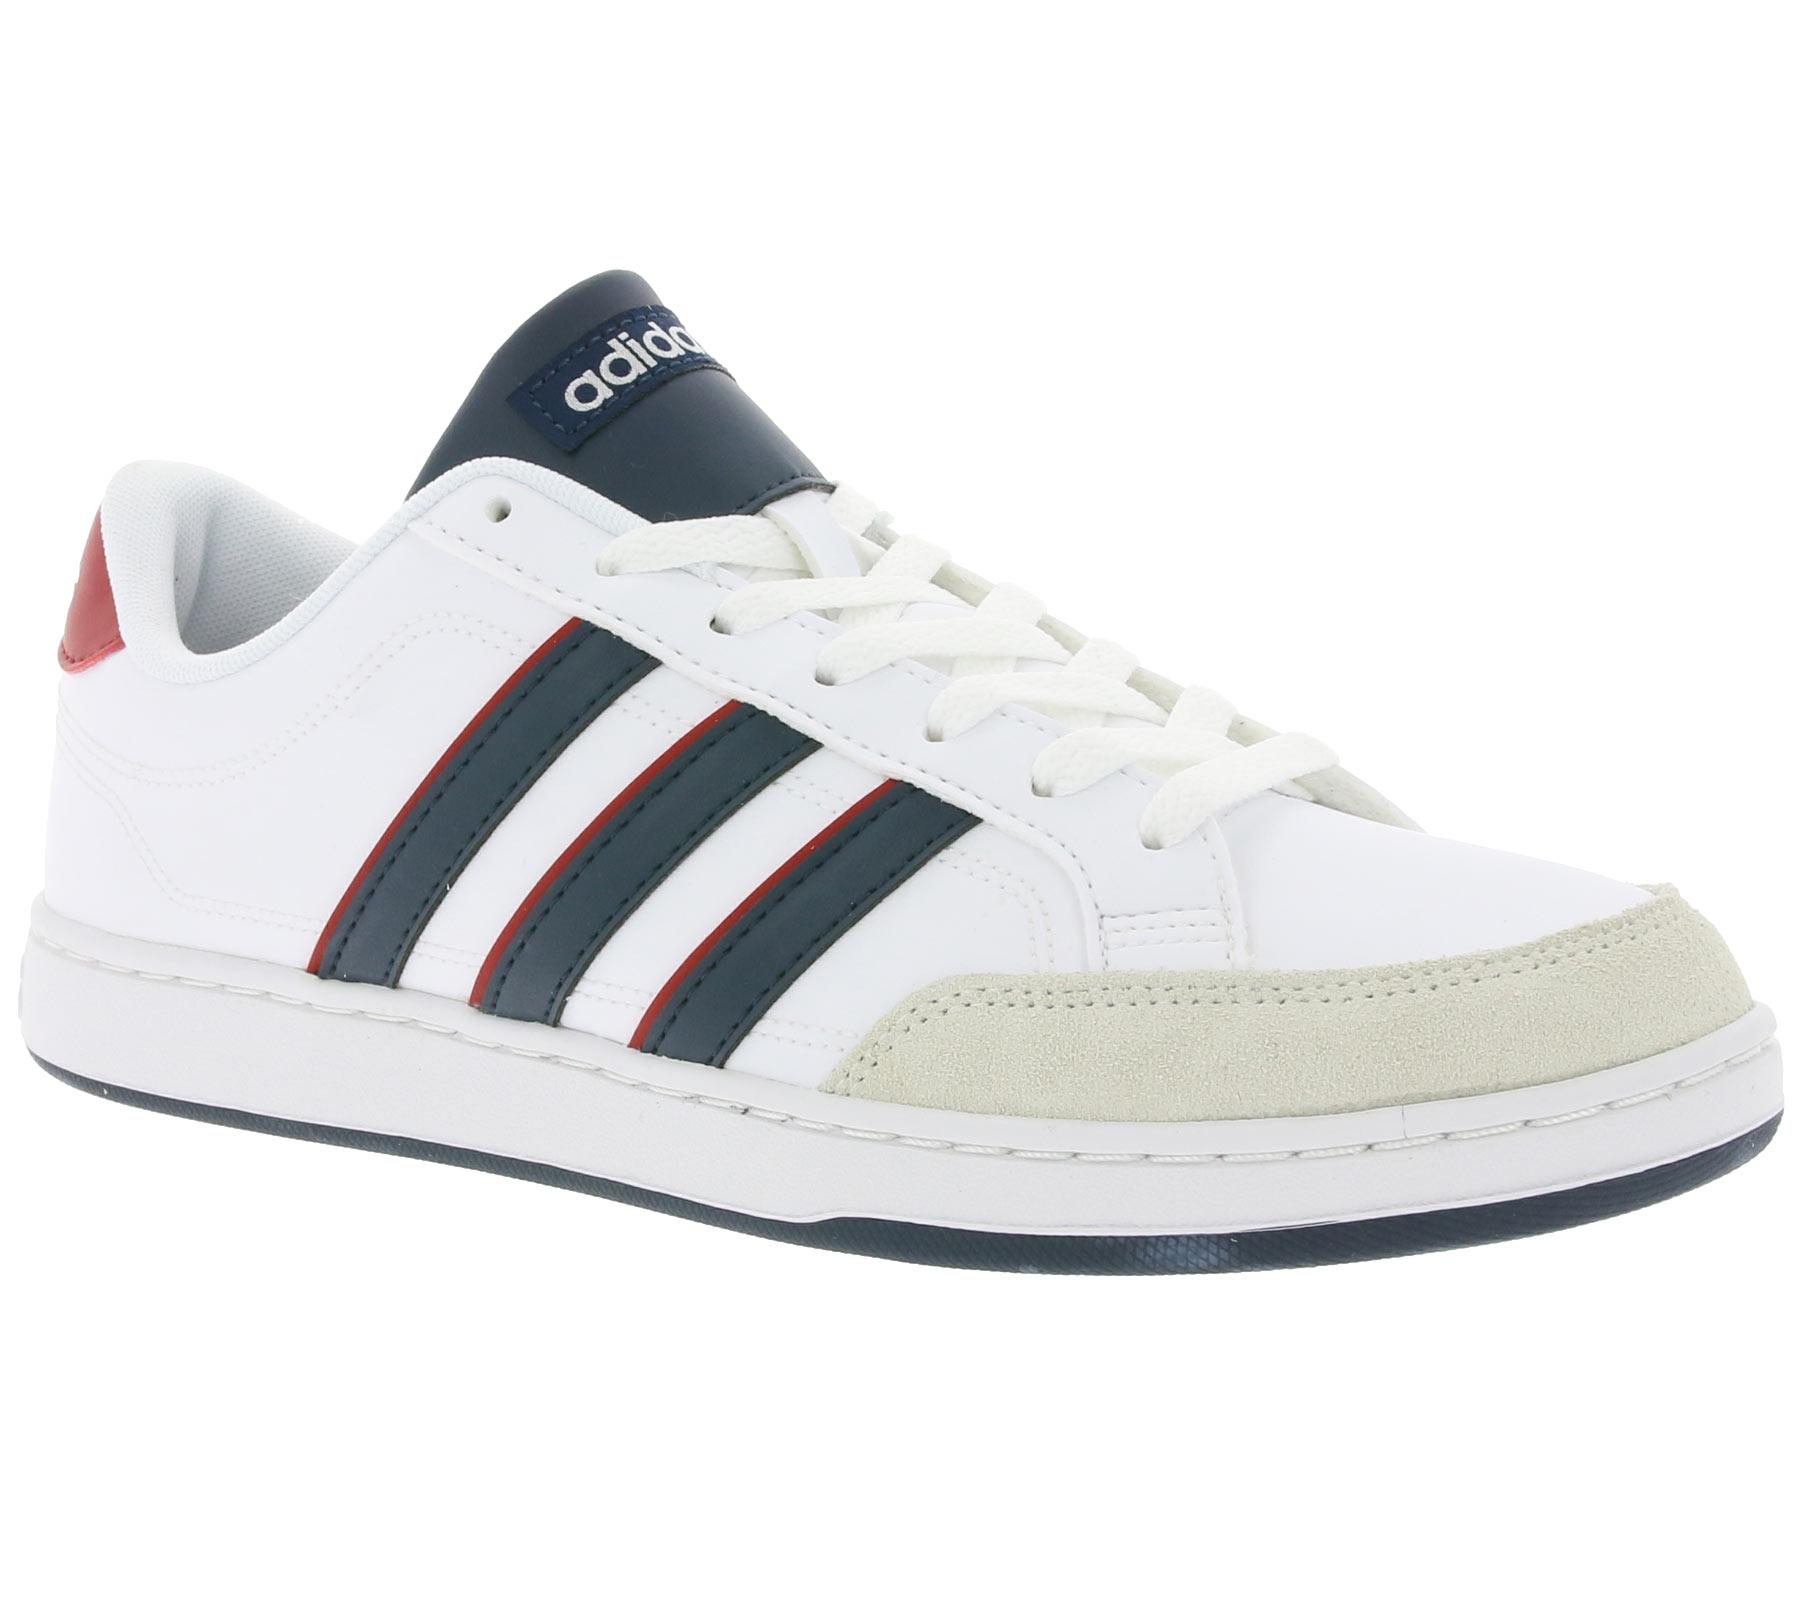 Adidas neo Courtset Herren Sneaker für 37,99€ (Outlet46)